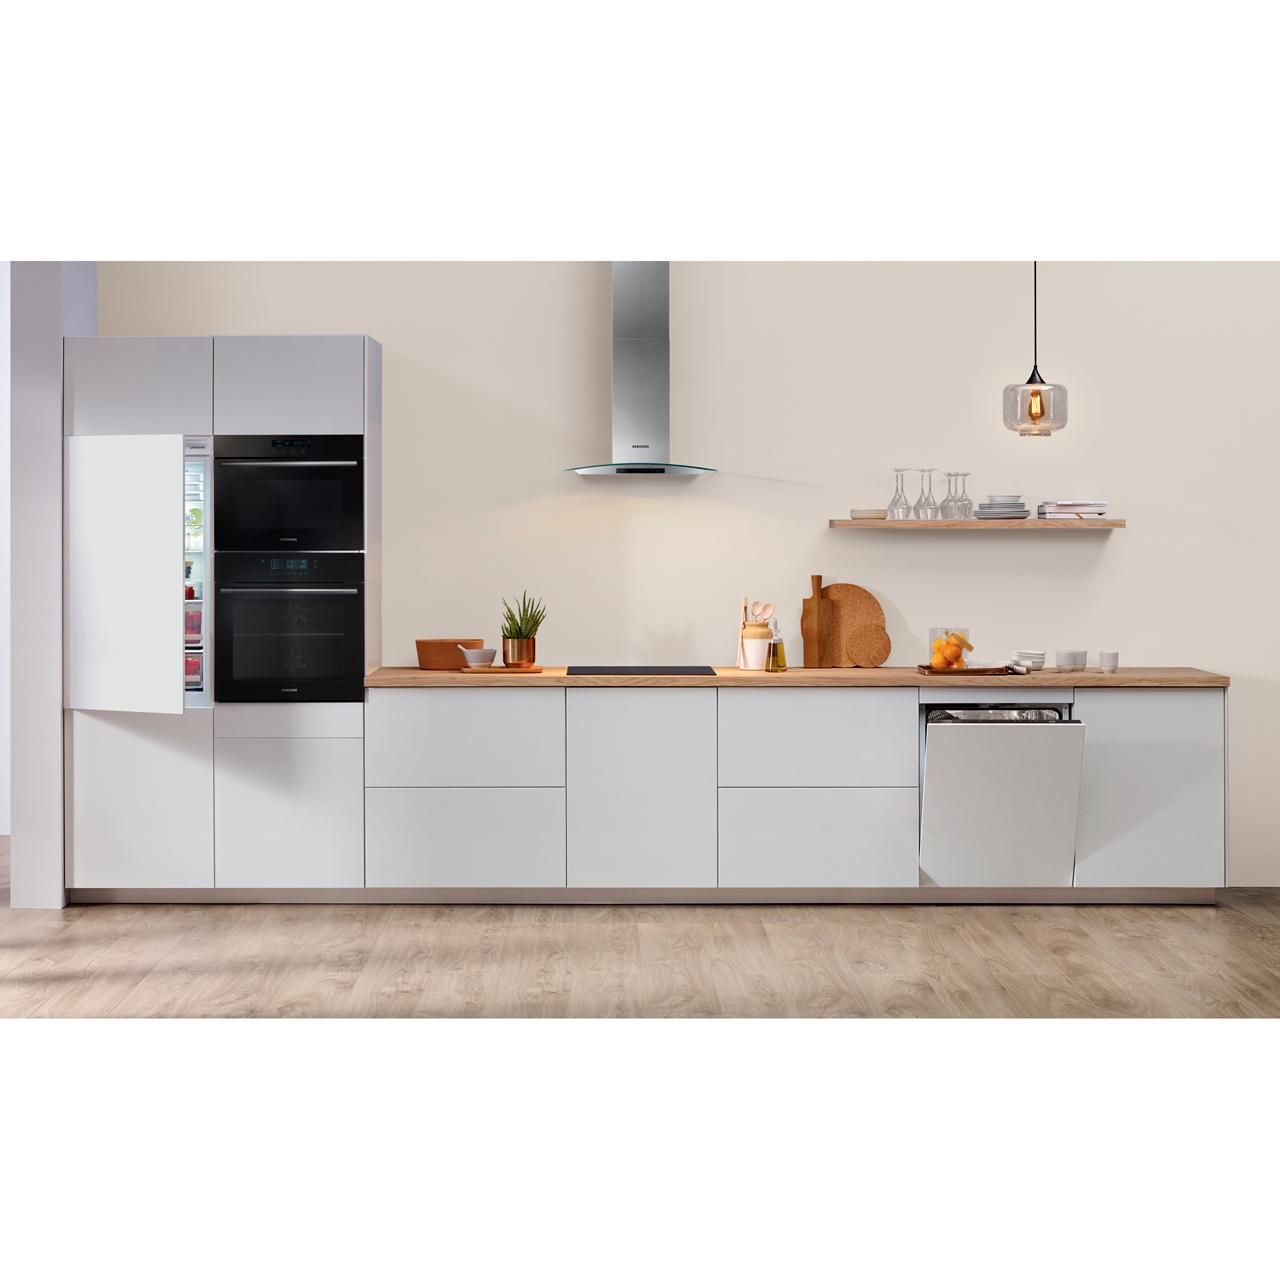 Nz64k5747bk Bk Samsung 4 Zone Induction Hob Wiring Zones Kitchen